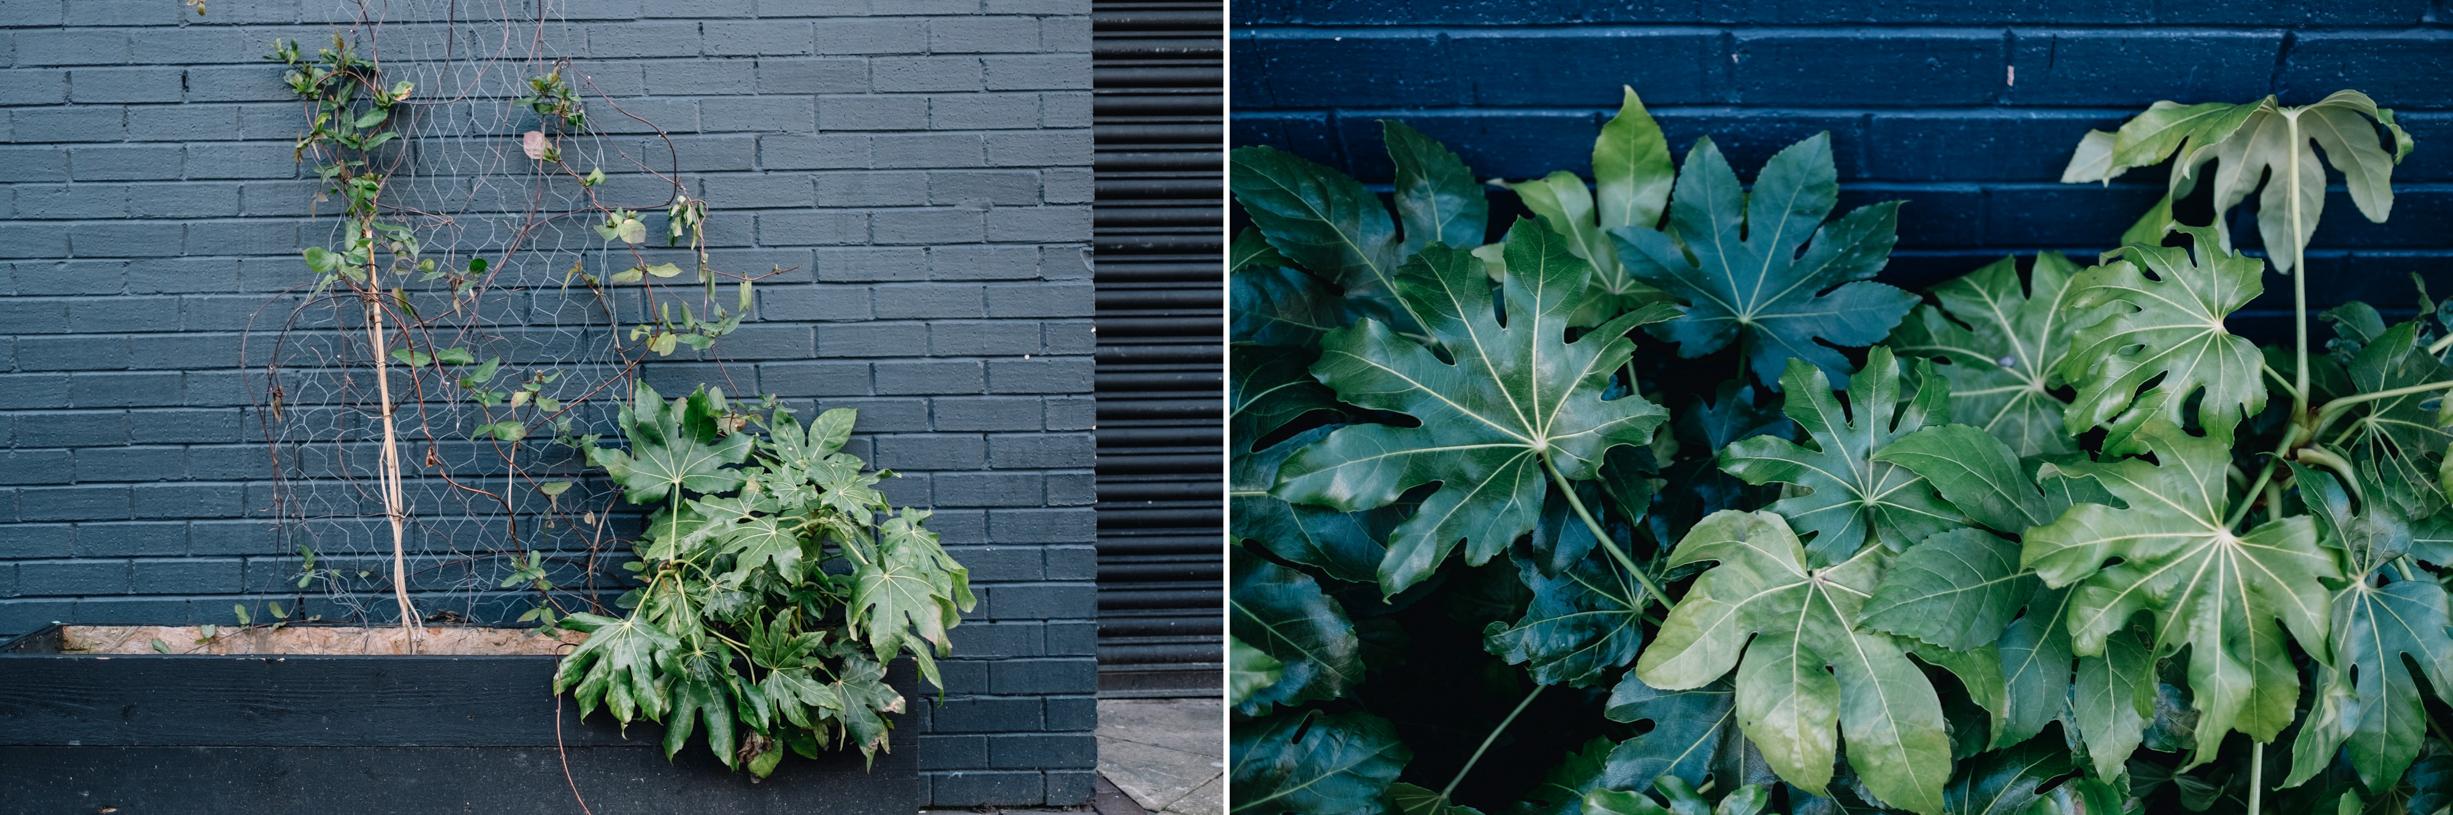 11-BaAD-Glasgow-plants.jpg